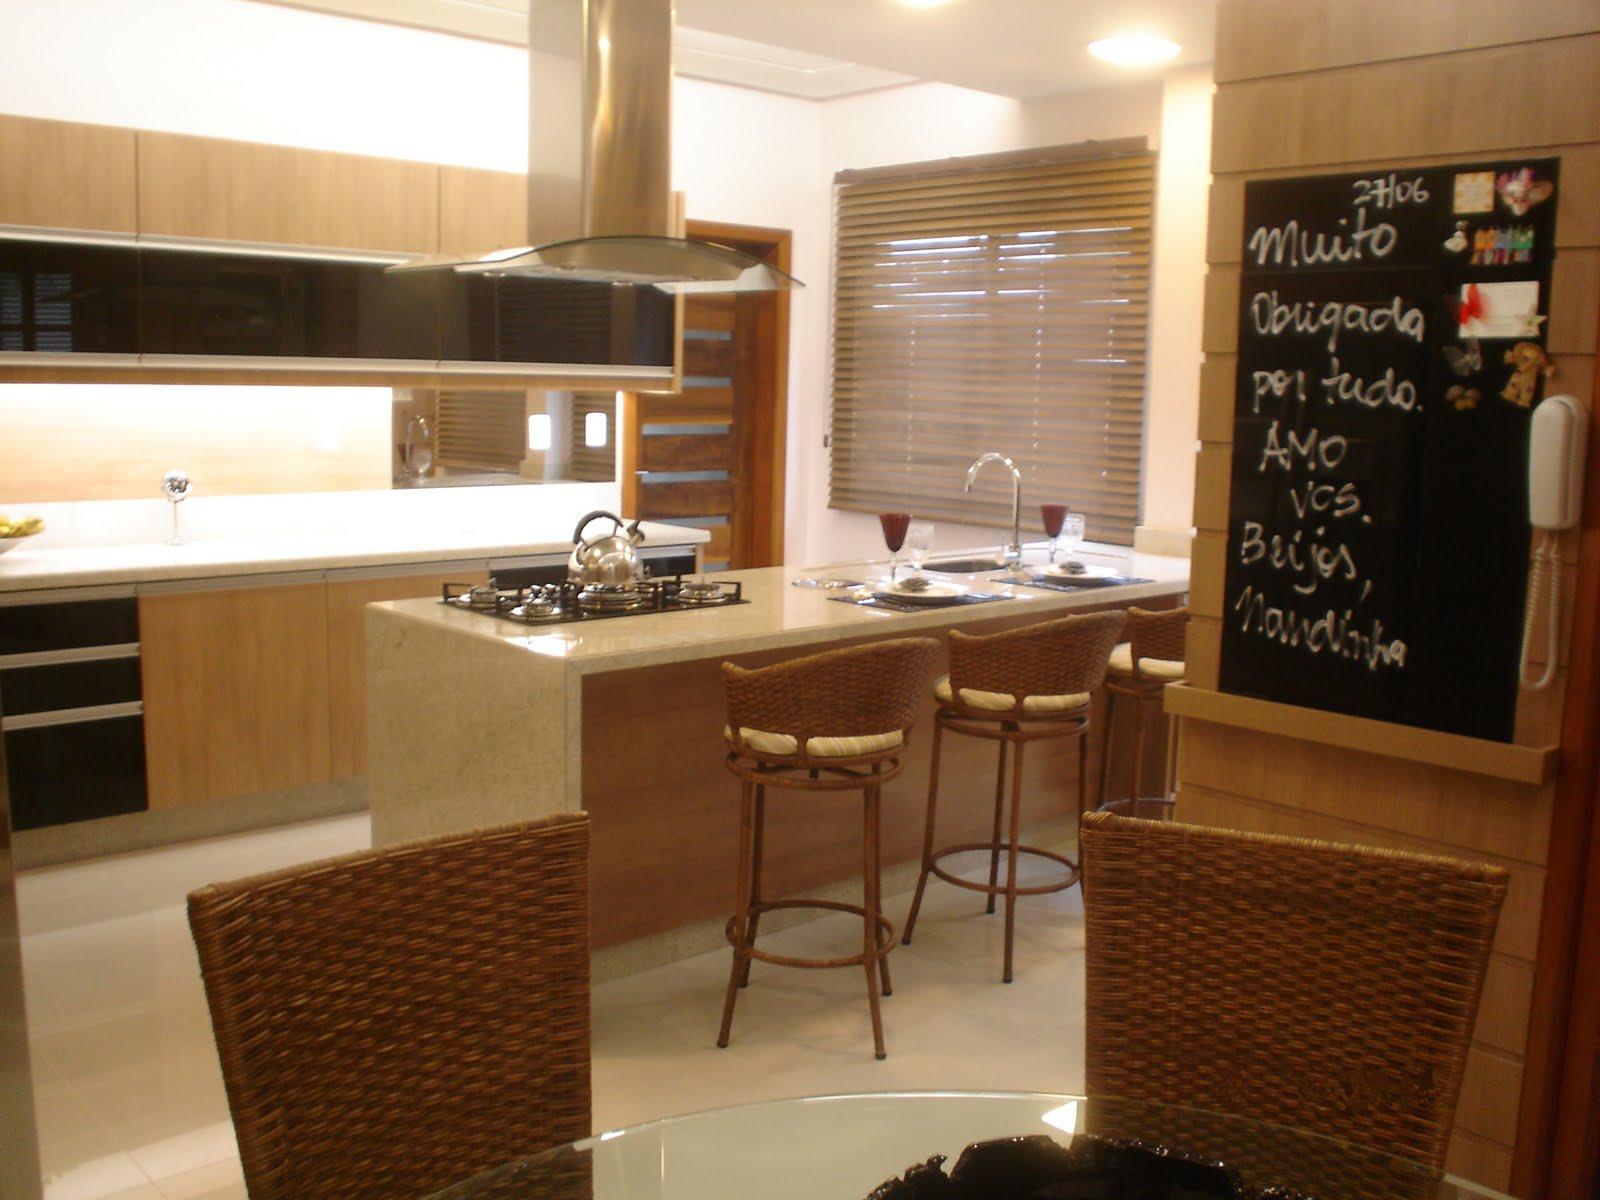 Arte e Design: Cozinha Antes e Depois #AE321D 1600x1200